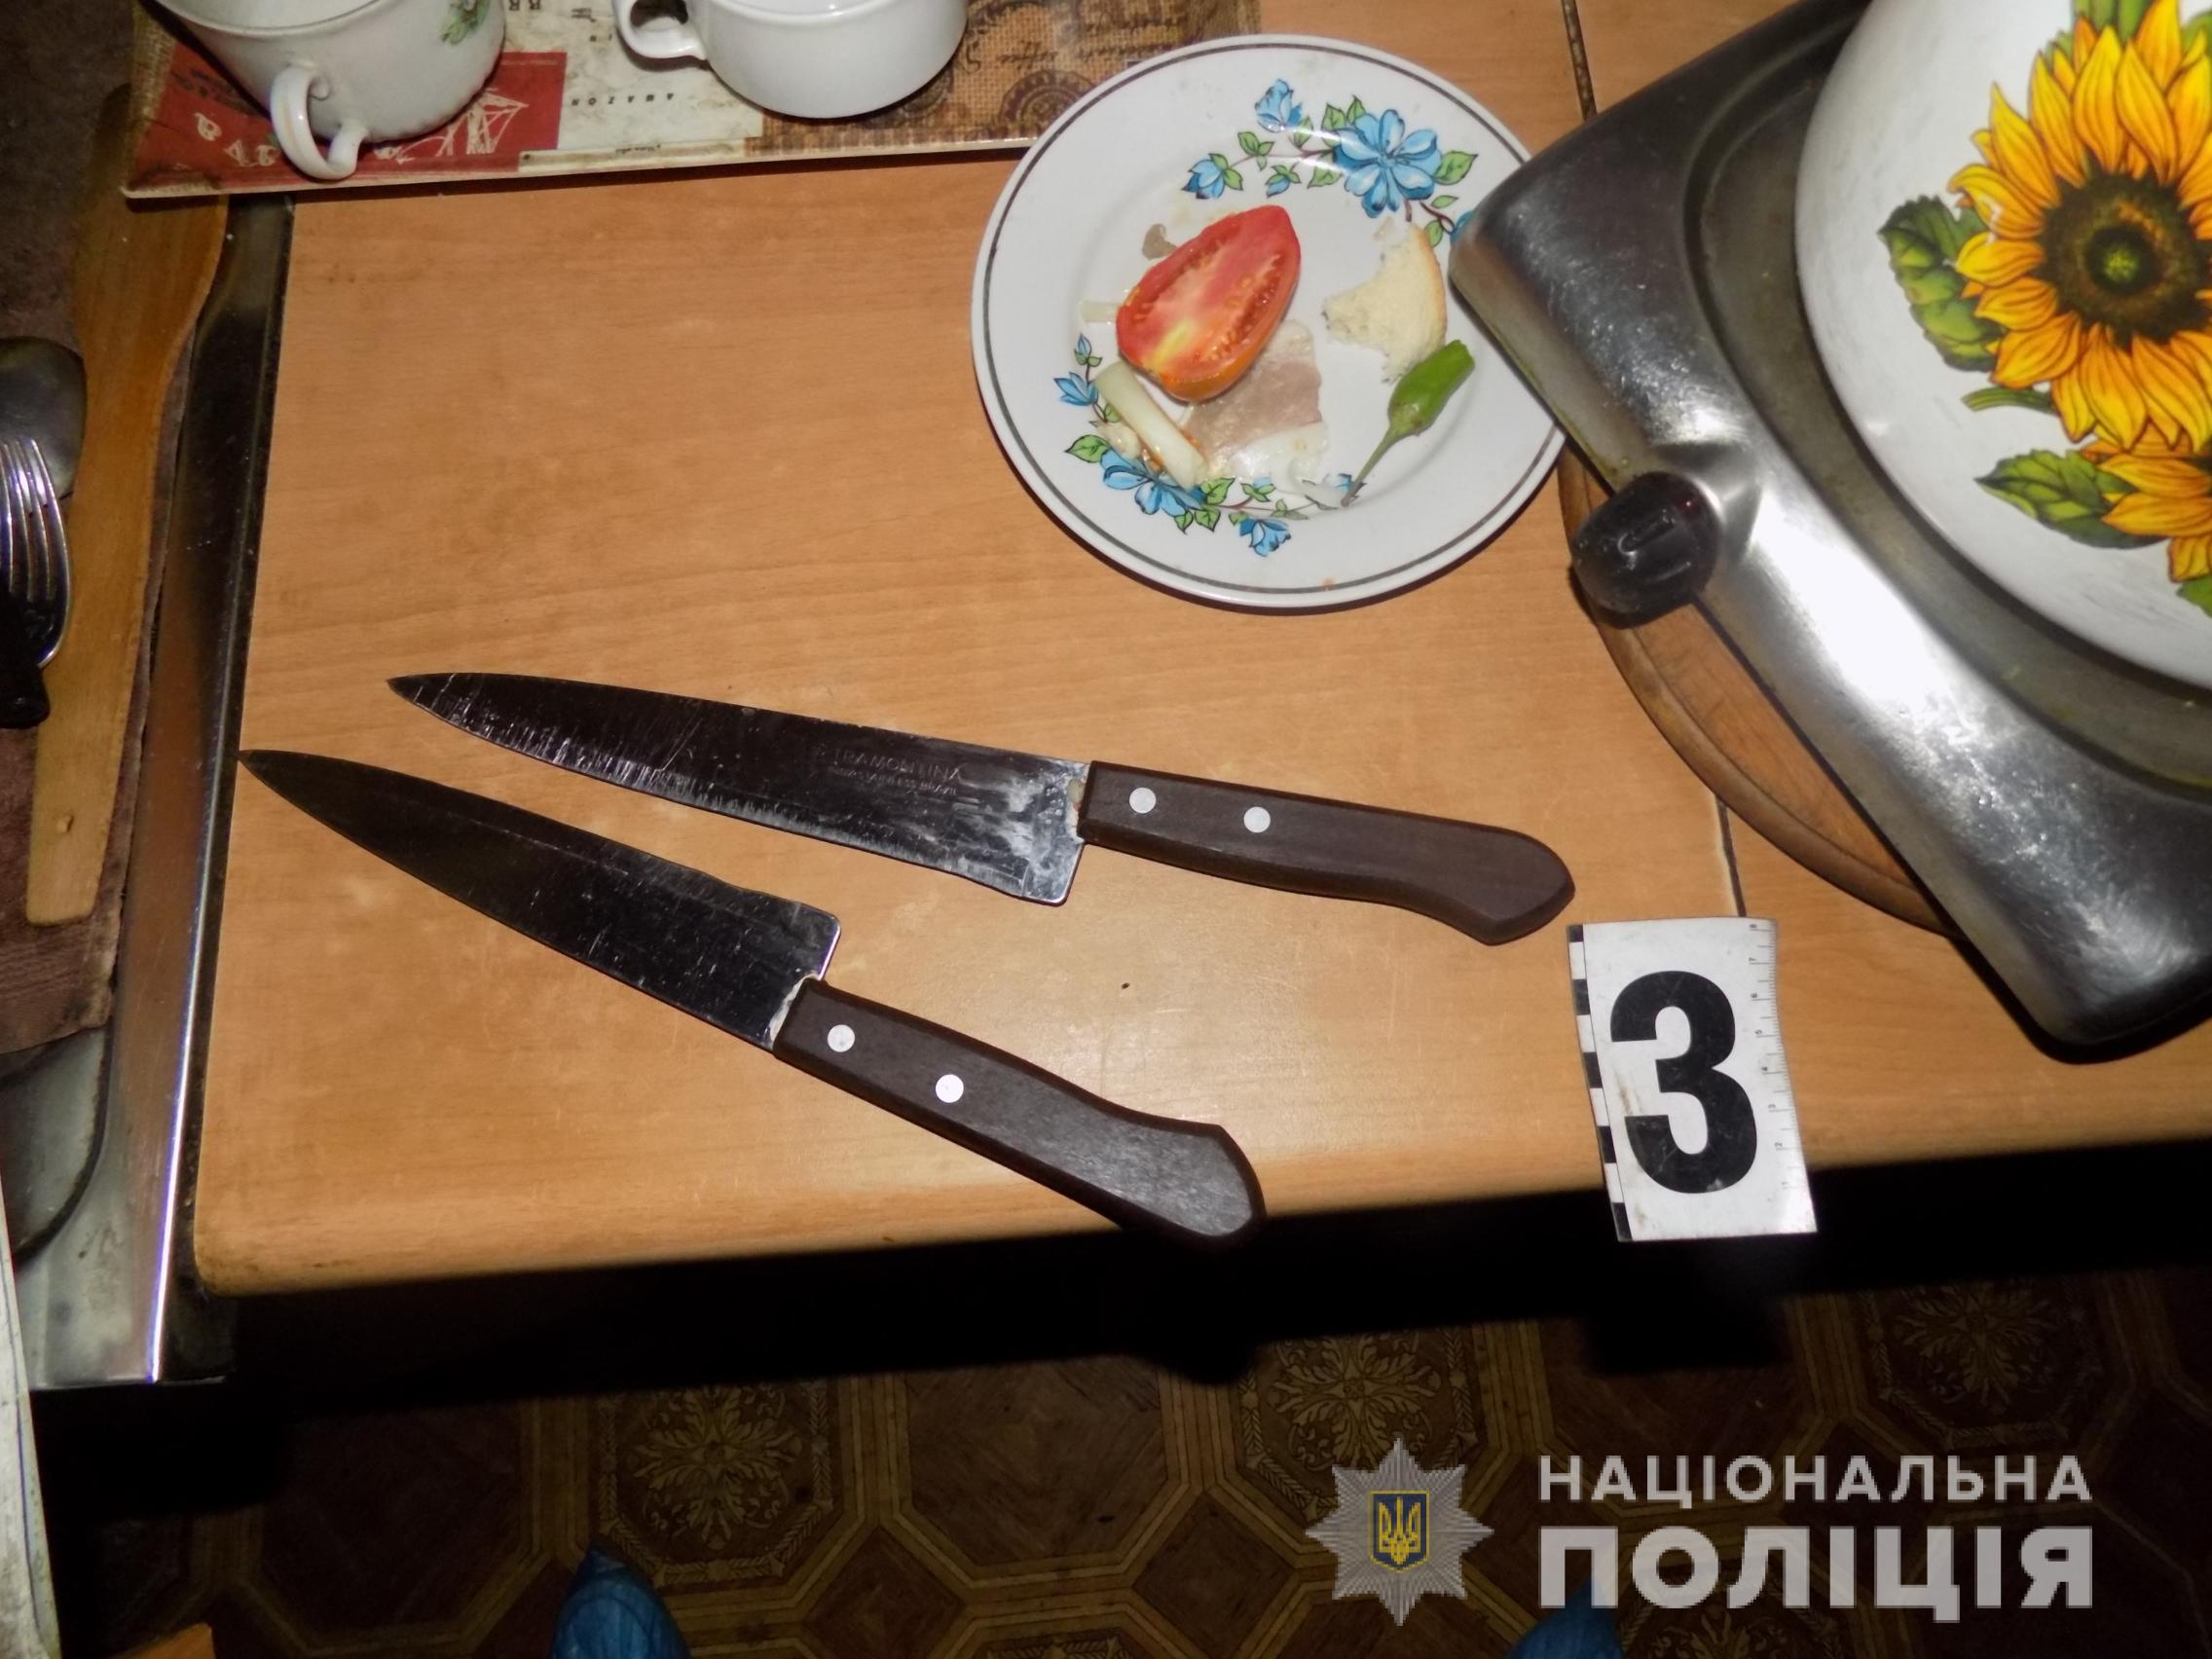 Жінку, що зарізала чоловіка в Ужгороді, суд постановив тримати під вартою без визначення застави